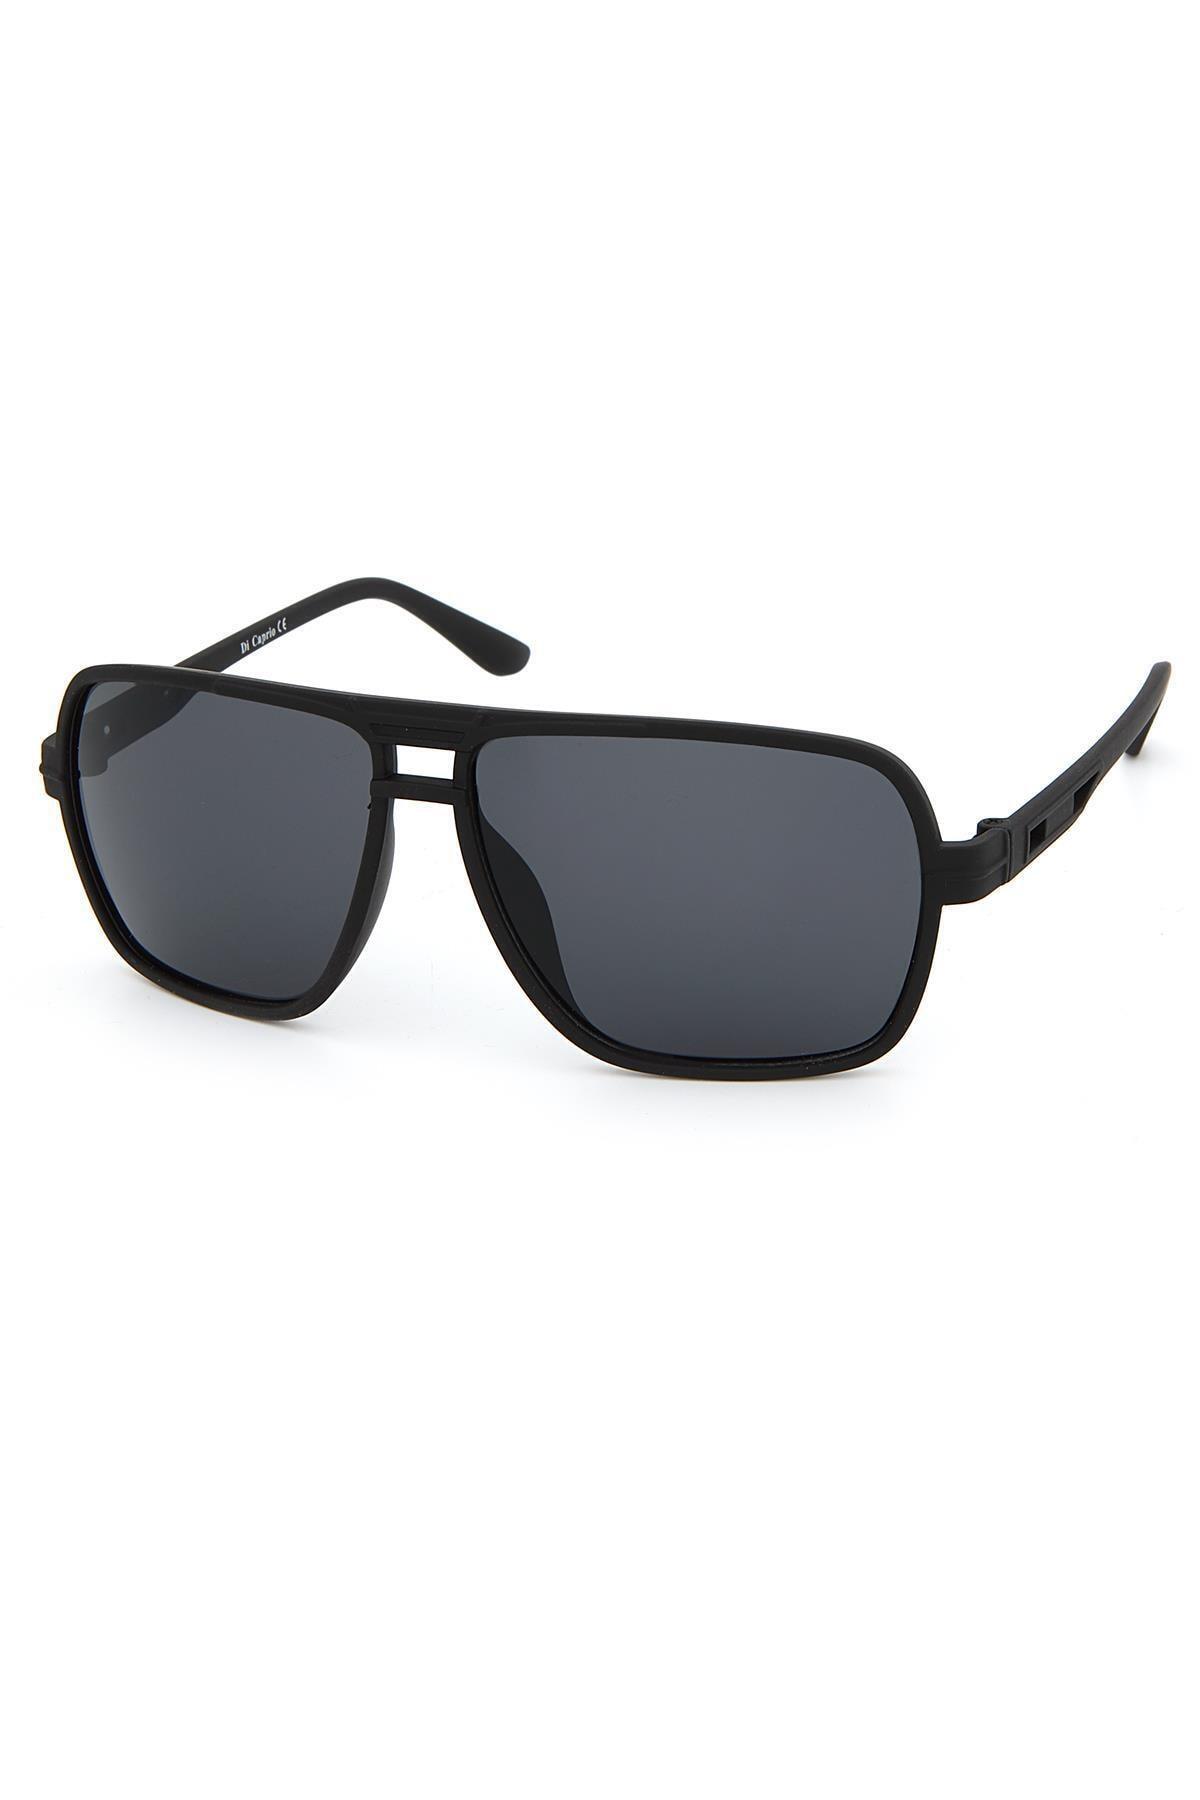 Di Caprio Erkek Güneş Gözlüğü Dc1770a 1